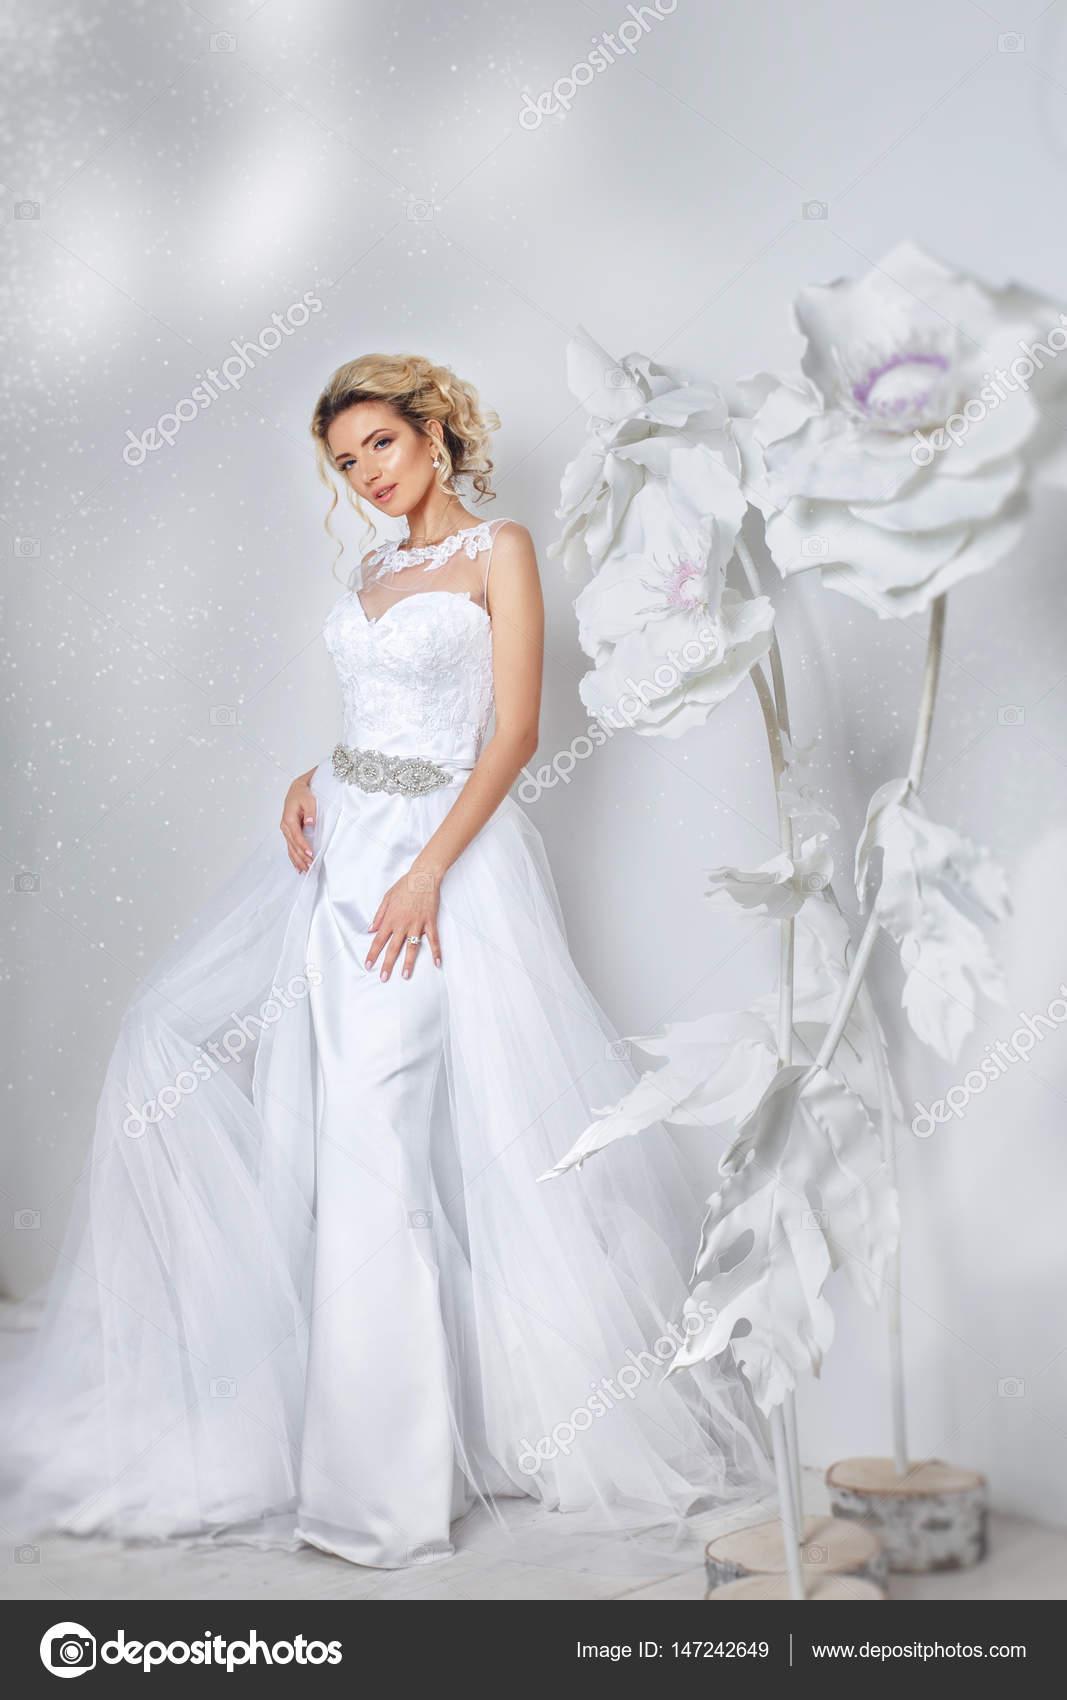 Schöne Braut posiert in Brautkleid in einem weißen Foto Studio ...